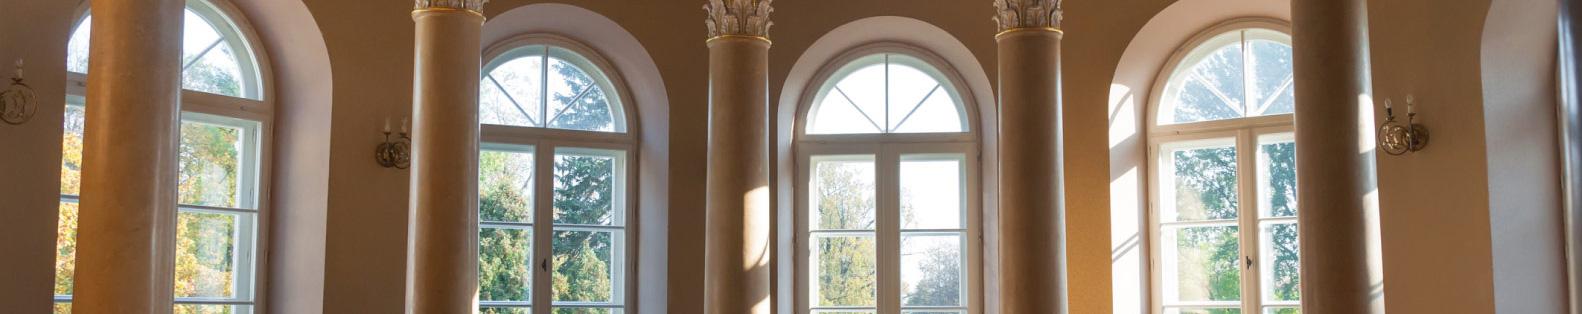 Piliers fenêtre